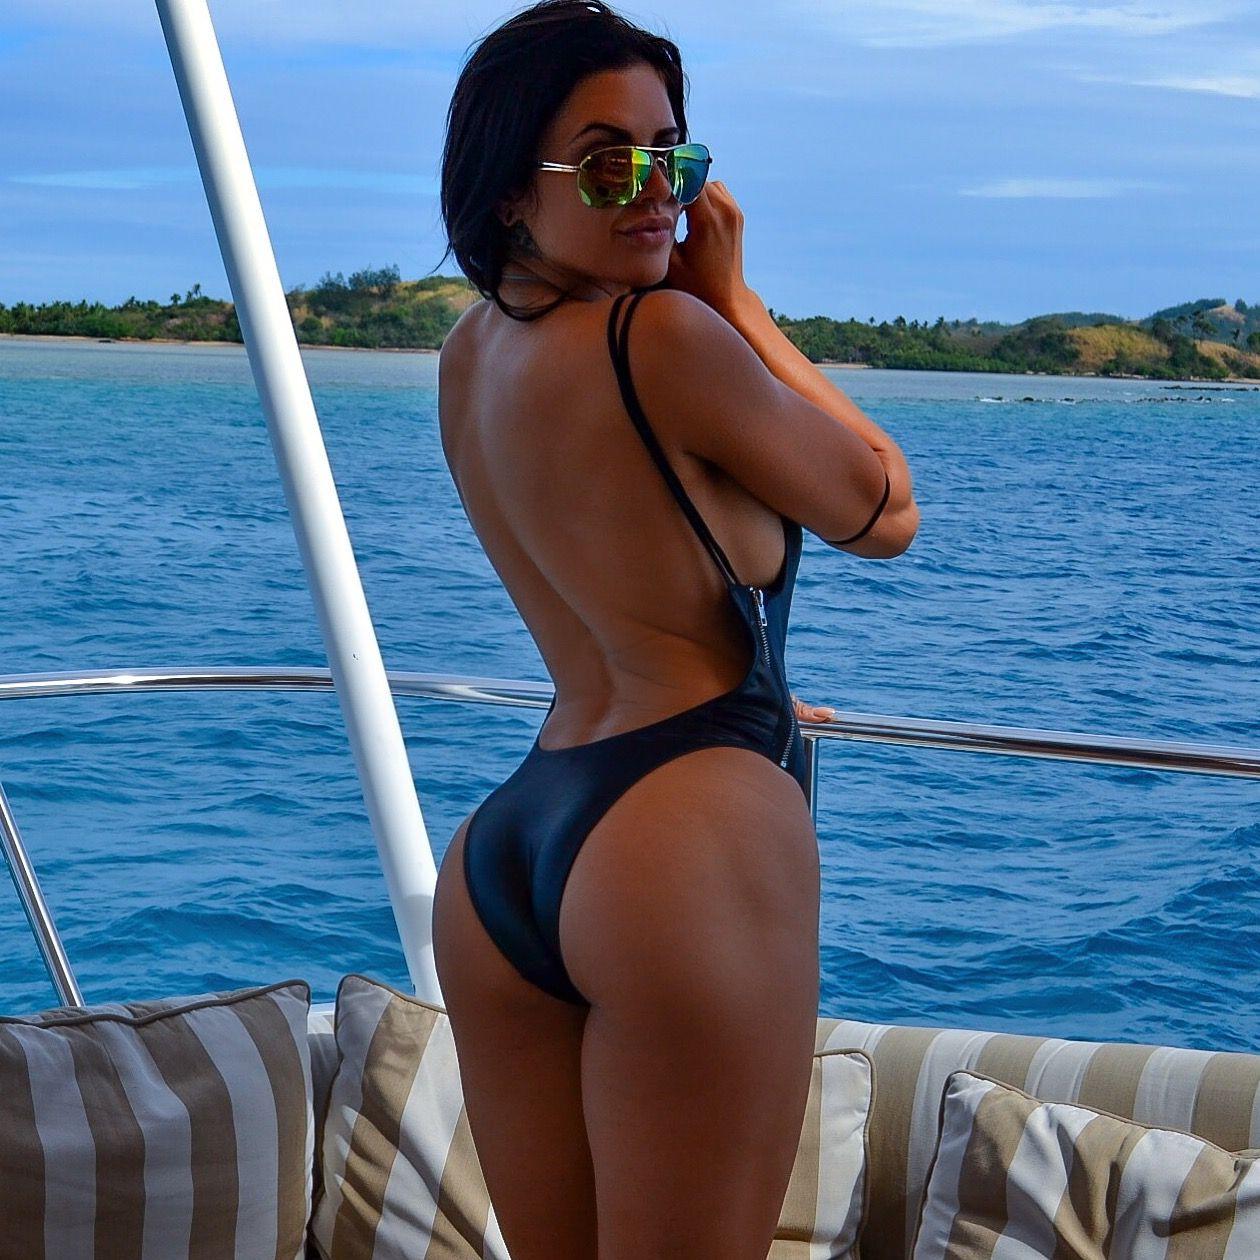 Bikini Tasha Mackenzie nude (26 photos), Pussy, Sideboobs, Boobs, butt 2019